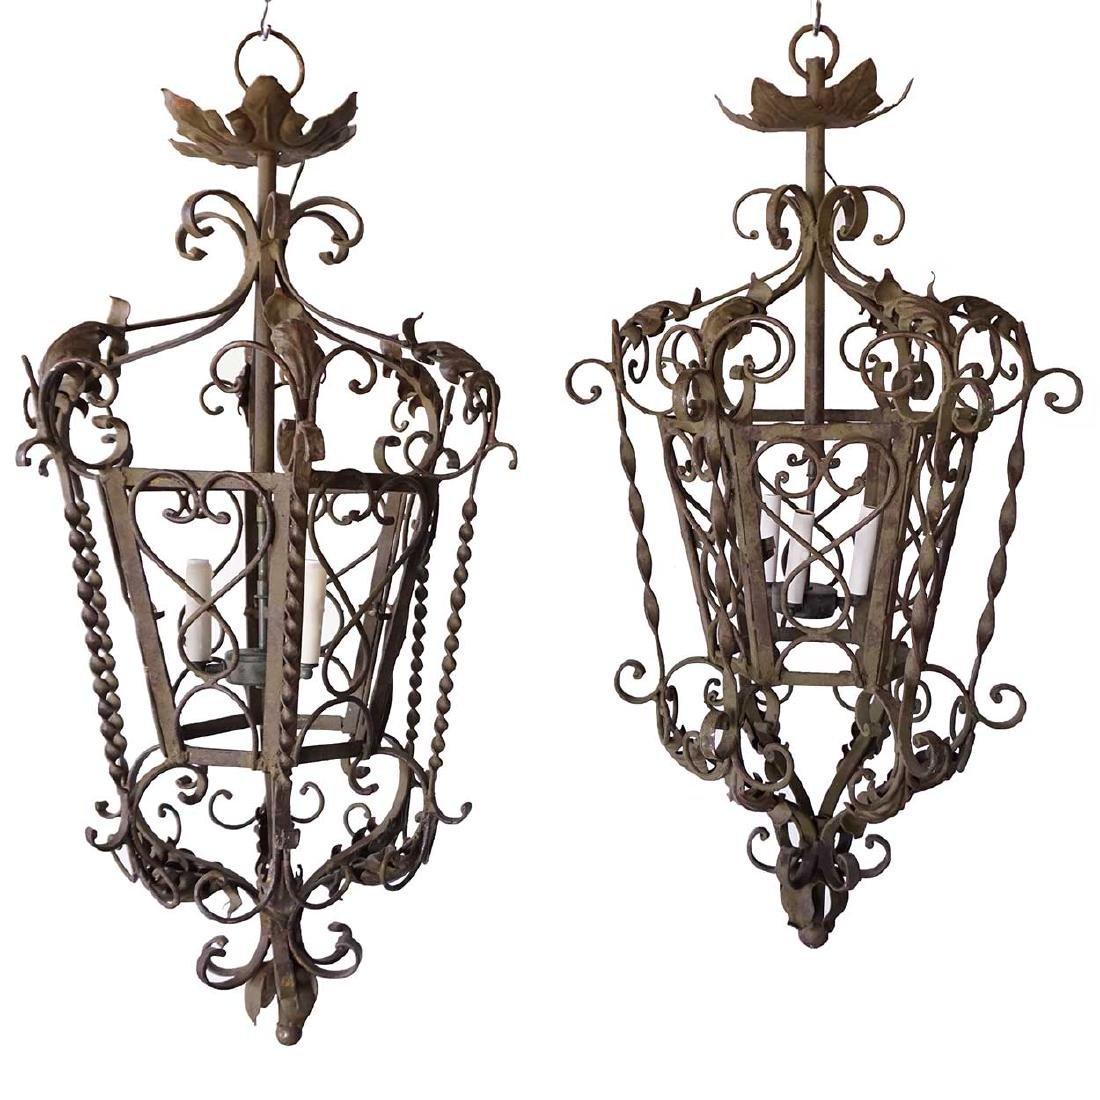 Pair Spanish/French Wrought Iron Hanging Lanterns